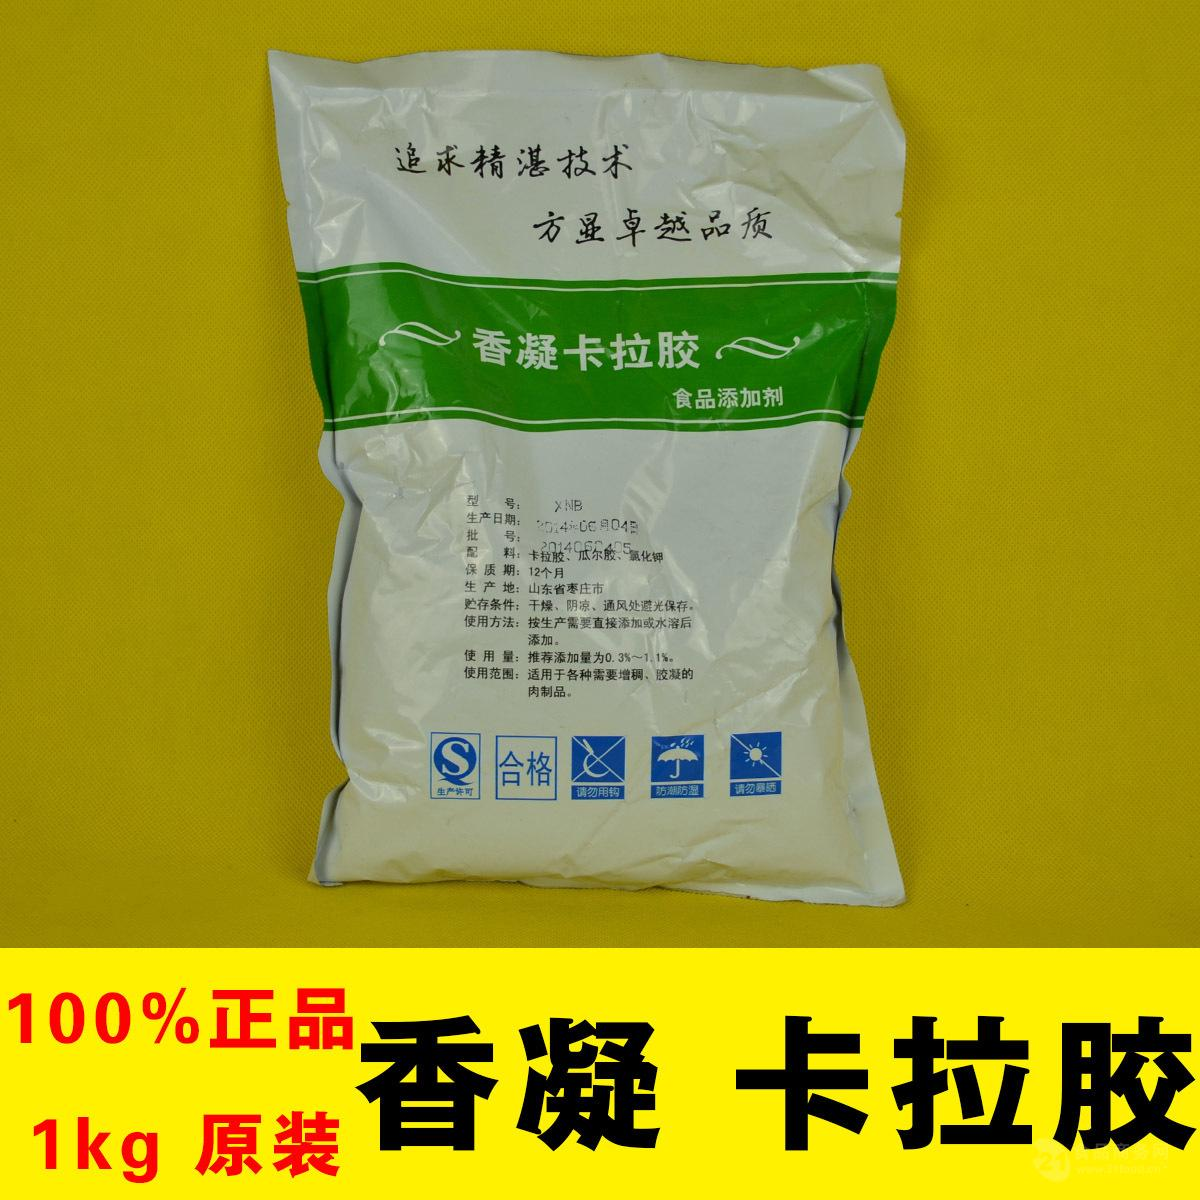 大量批发 食品添加剂增稠剂香凝卡拉胶